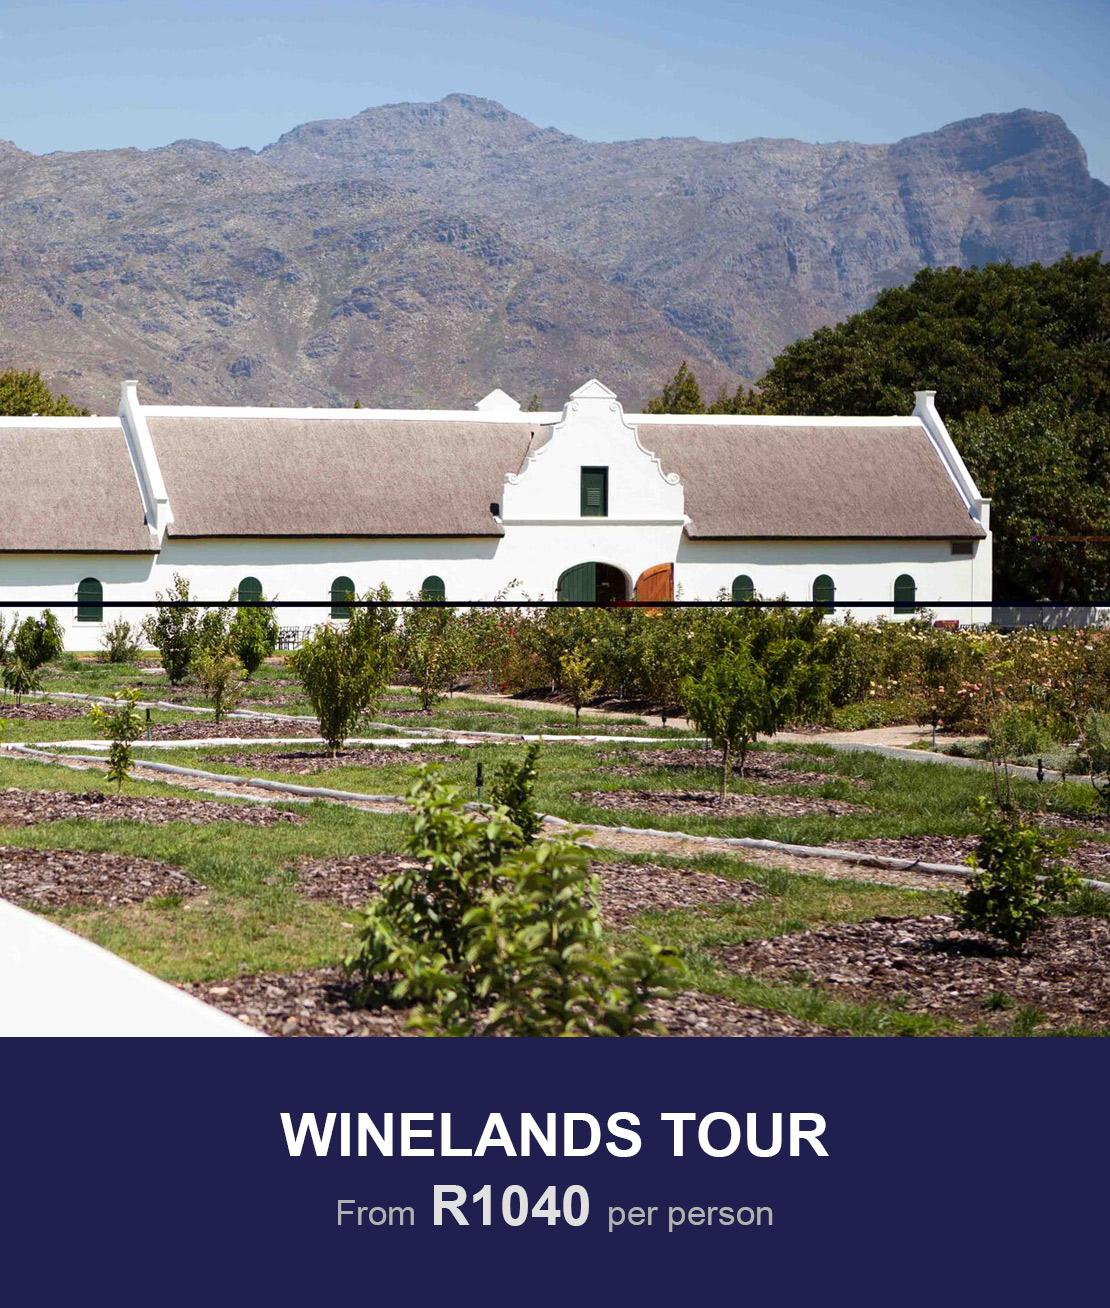 tours winelands cape town